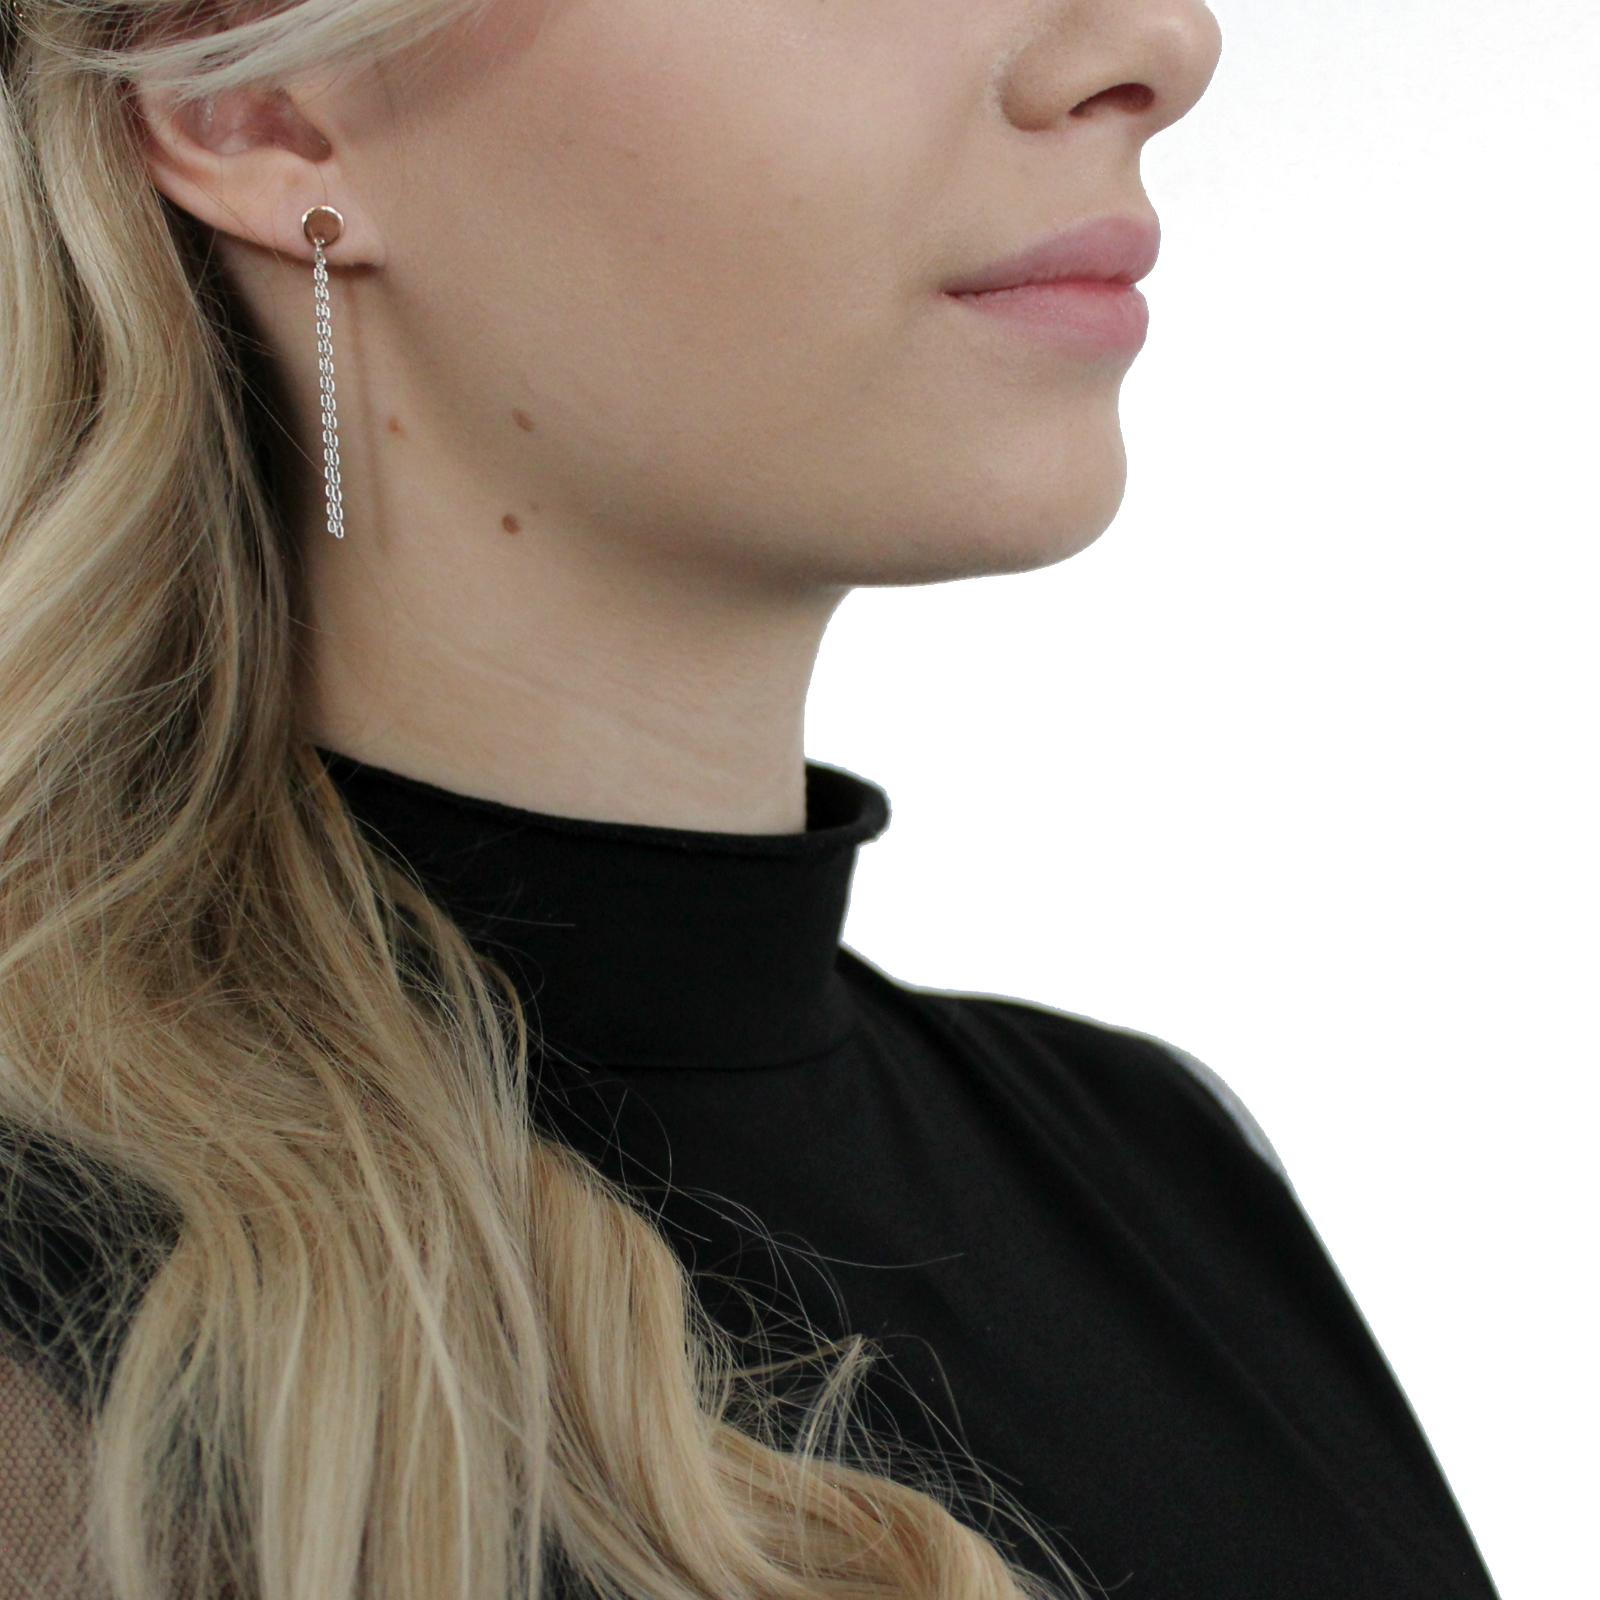 Ohrhänger Silber 925, rhodiniert+rosévergoldet